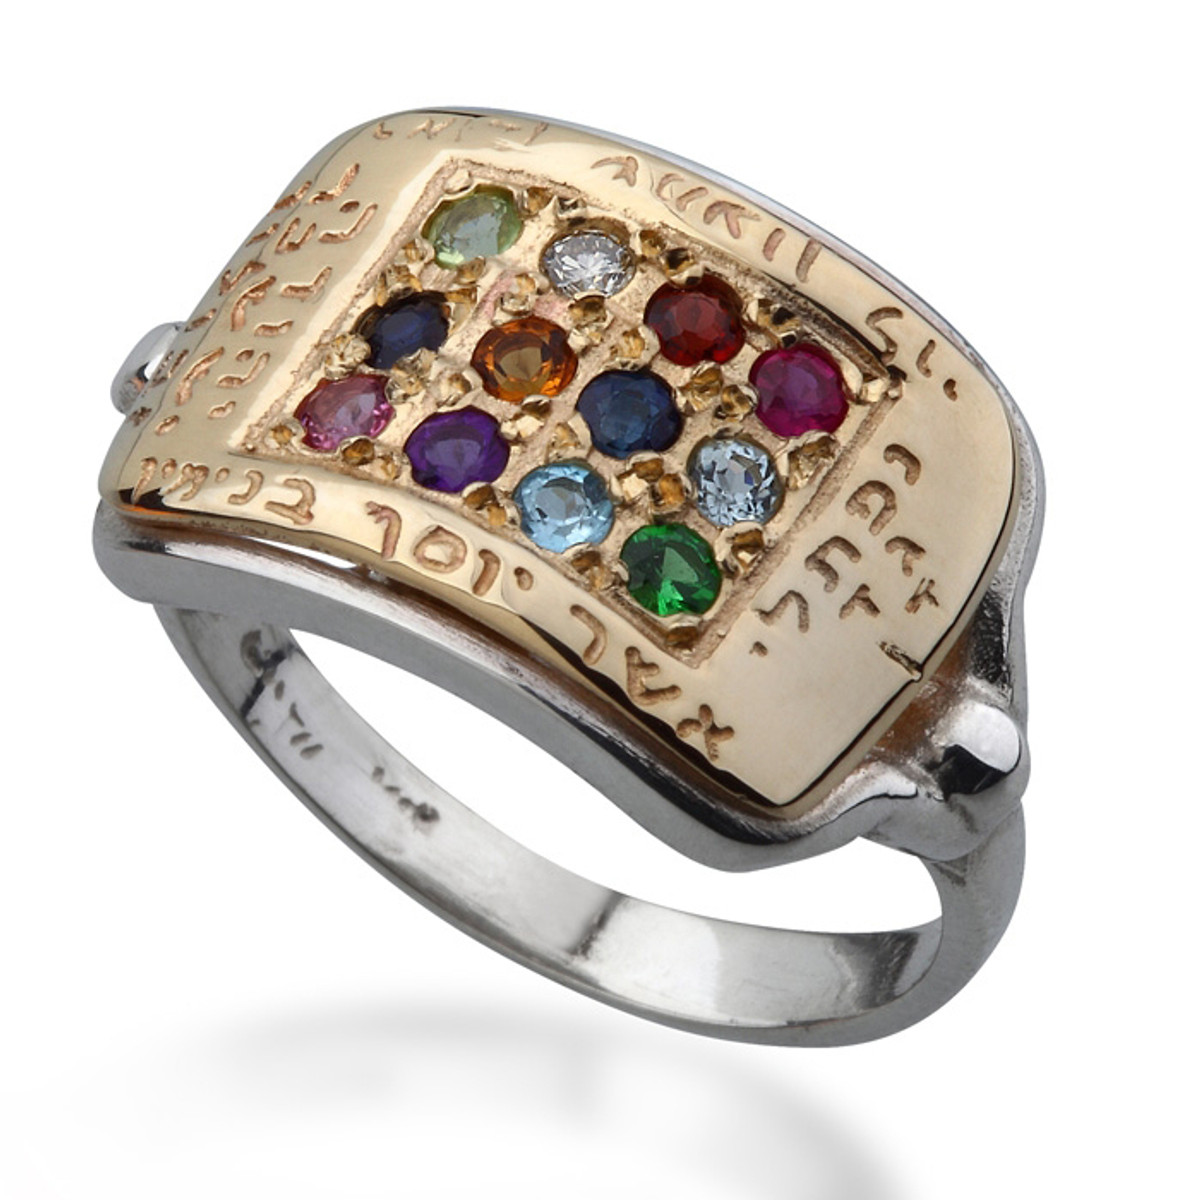 Twelve Tribes Ephod Stones Ring